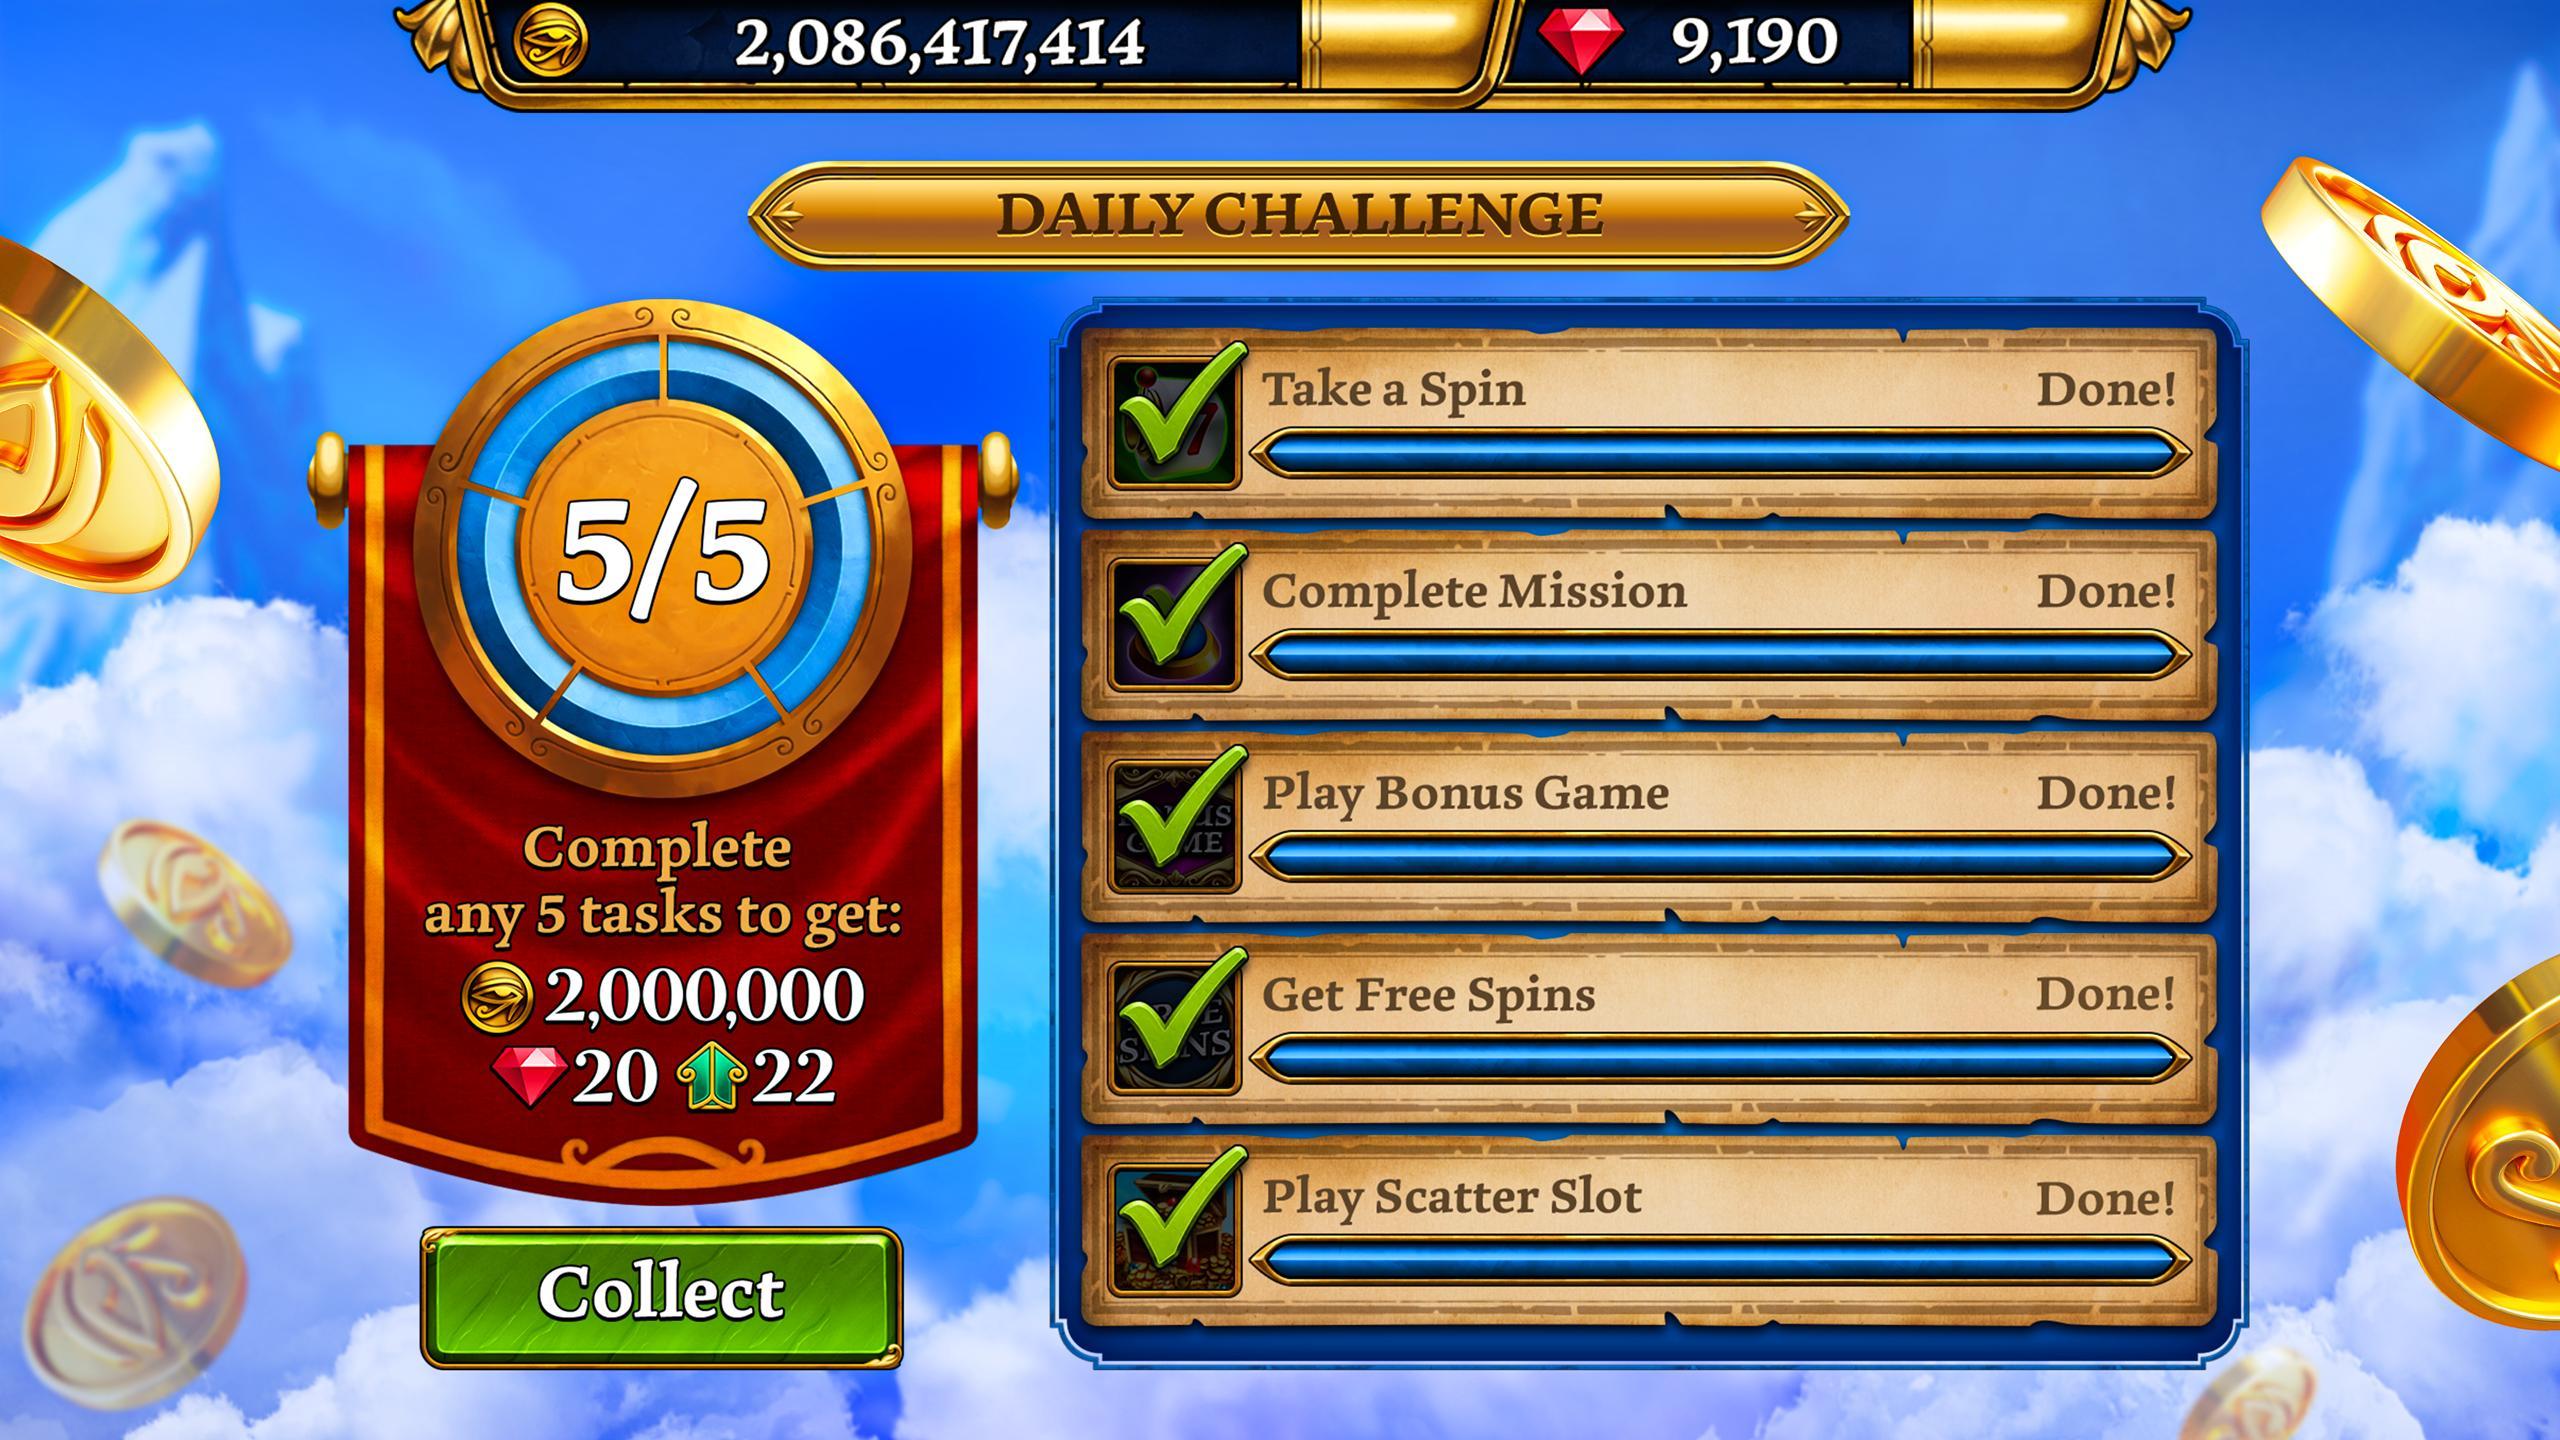 Скачать бесплатно игровые автоматы на s40 start casino online games